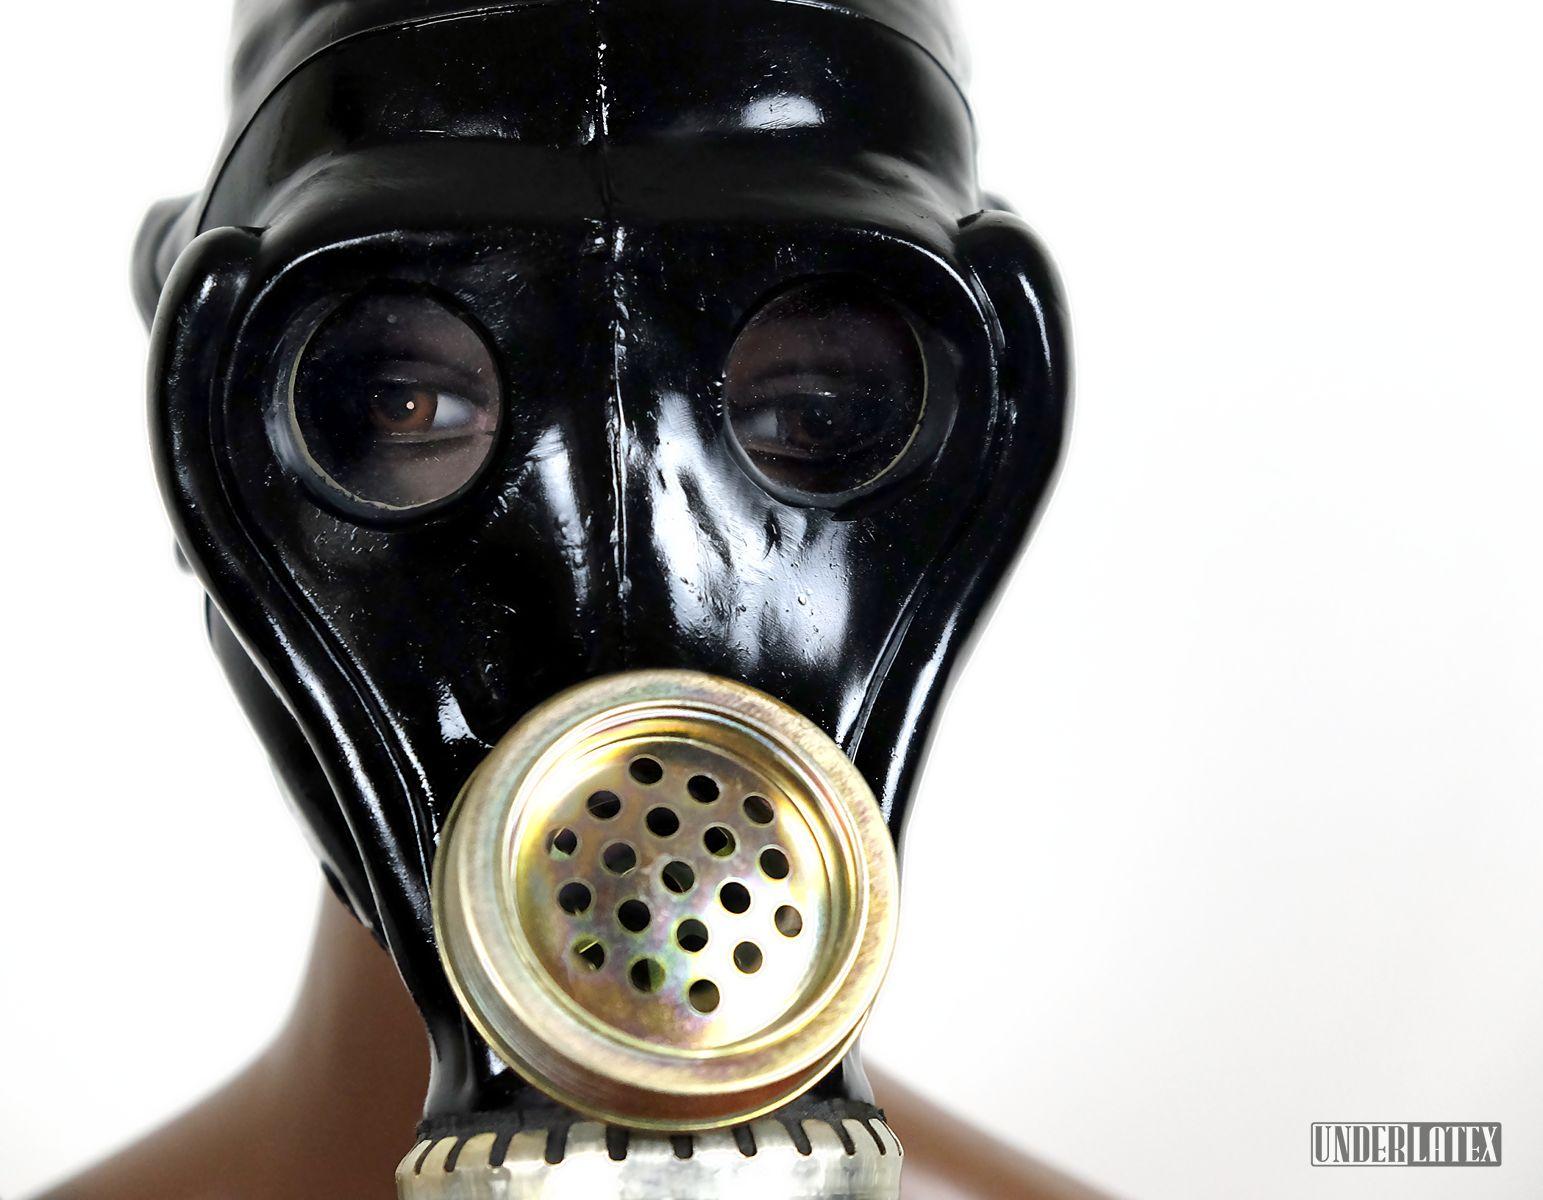 russische Gasmaske SchMS in schwarz aus Gummi frontal mit Detail der Augen und der Sprechmuschel gesehen